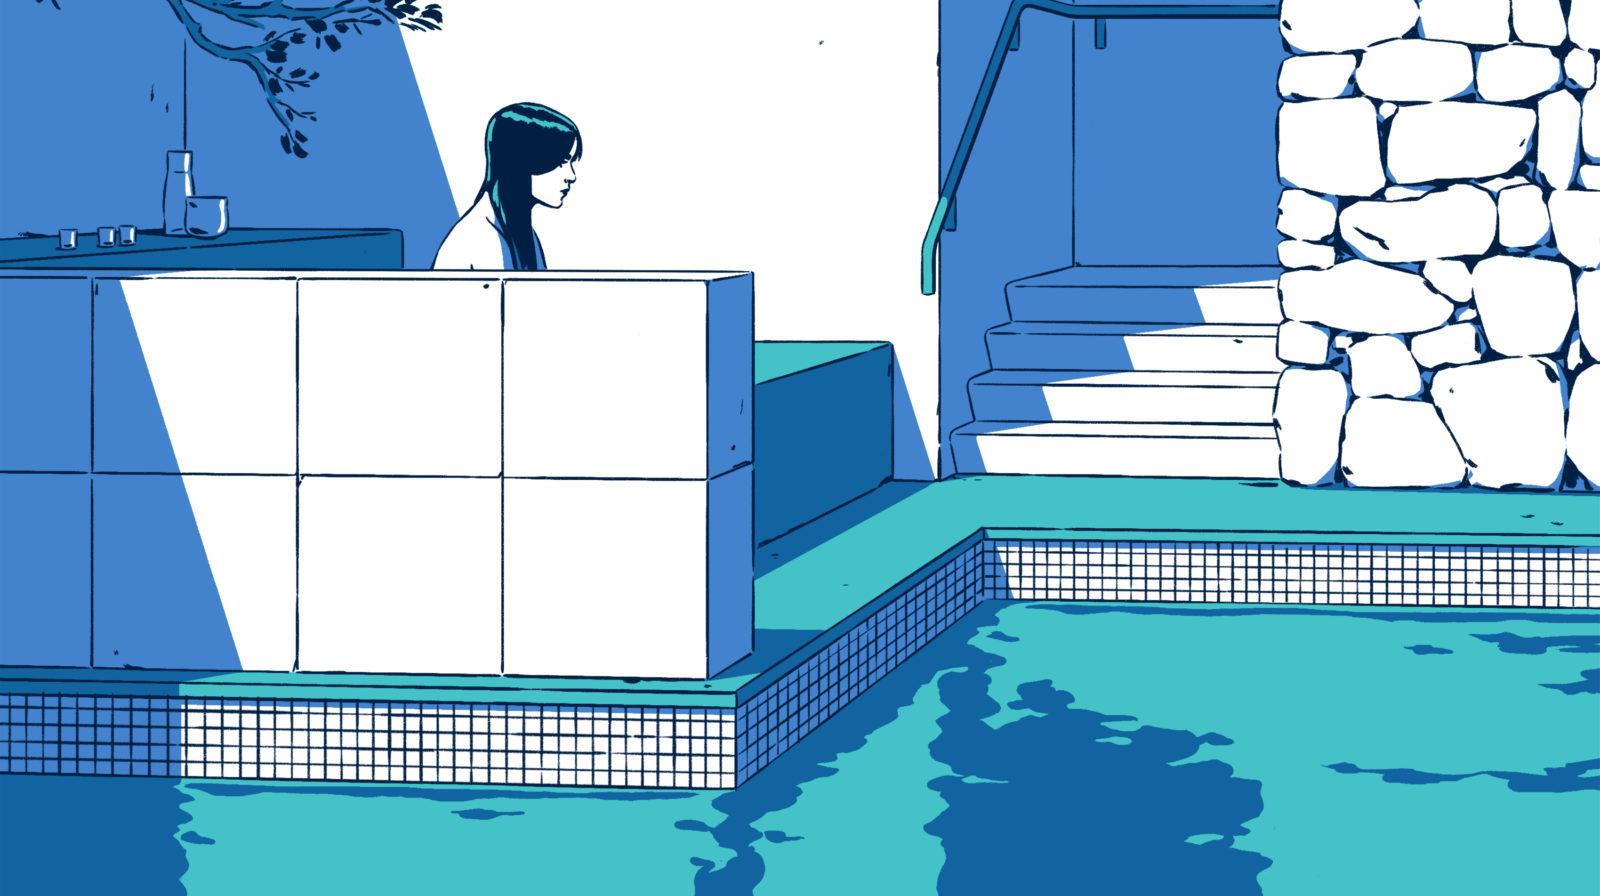 Thème : La grande baignade